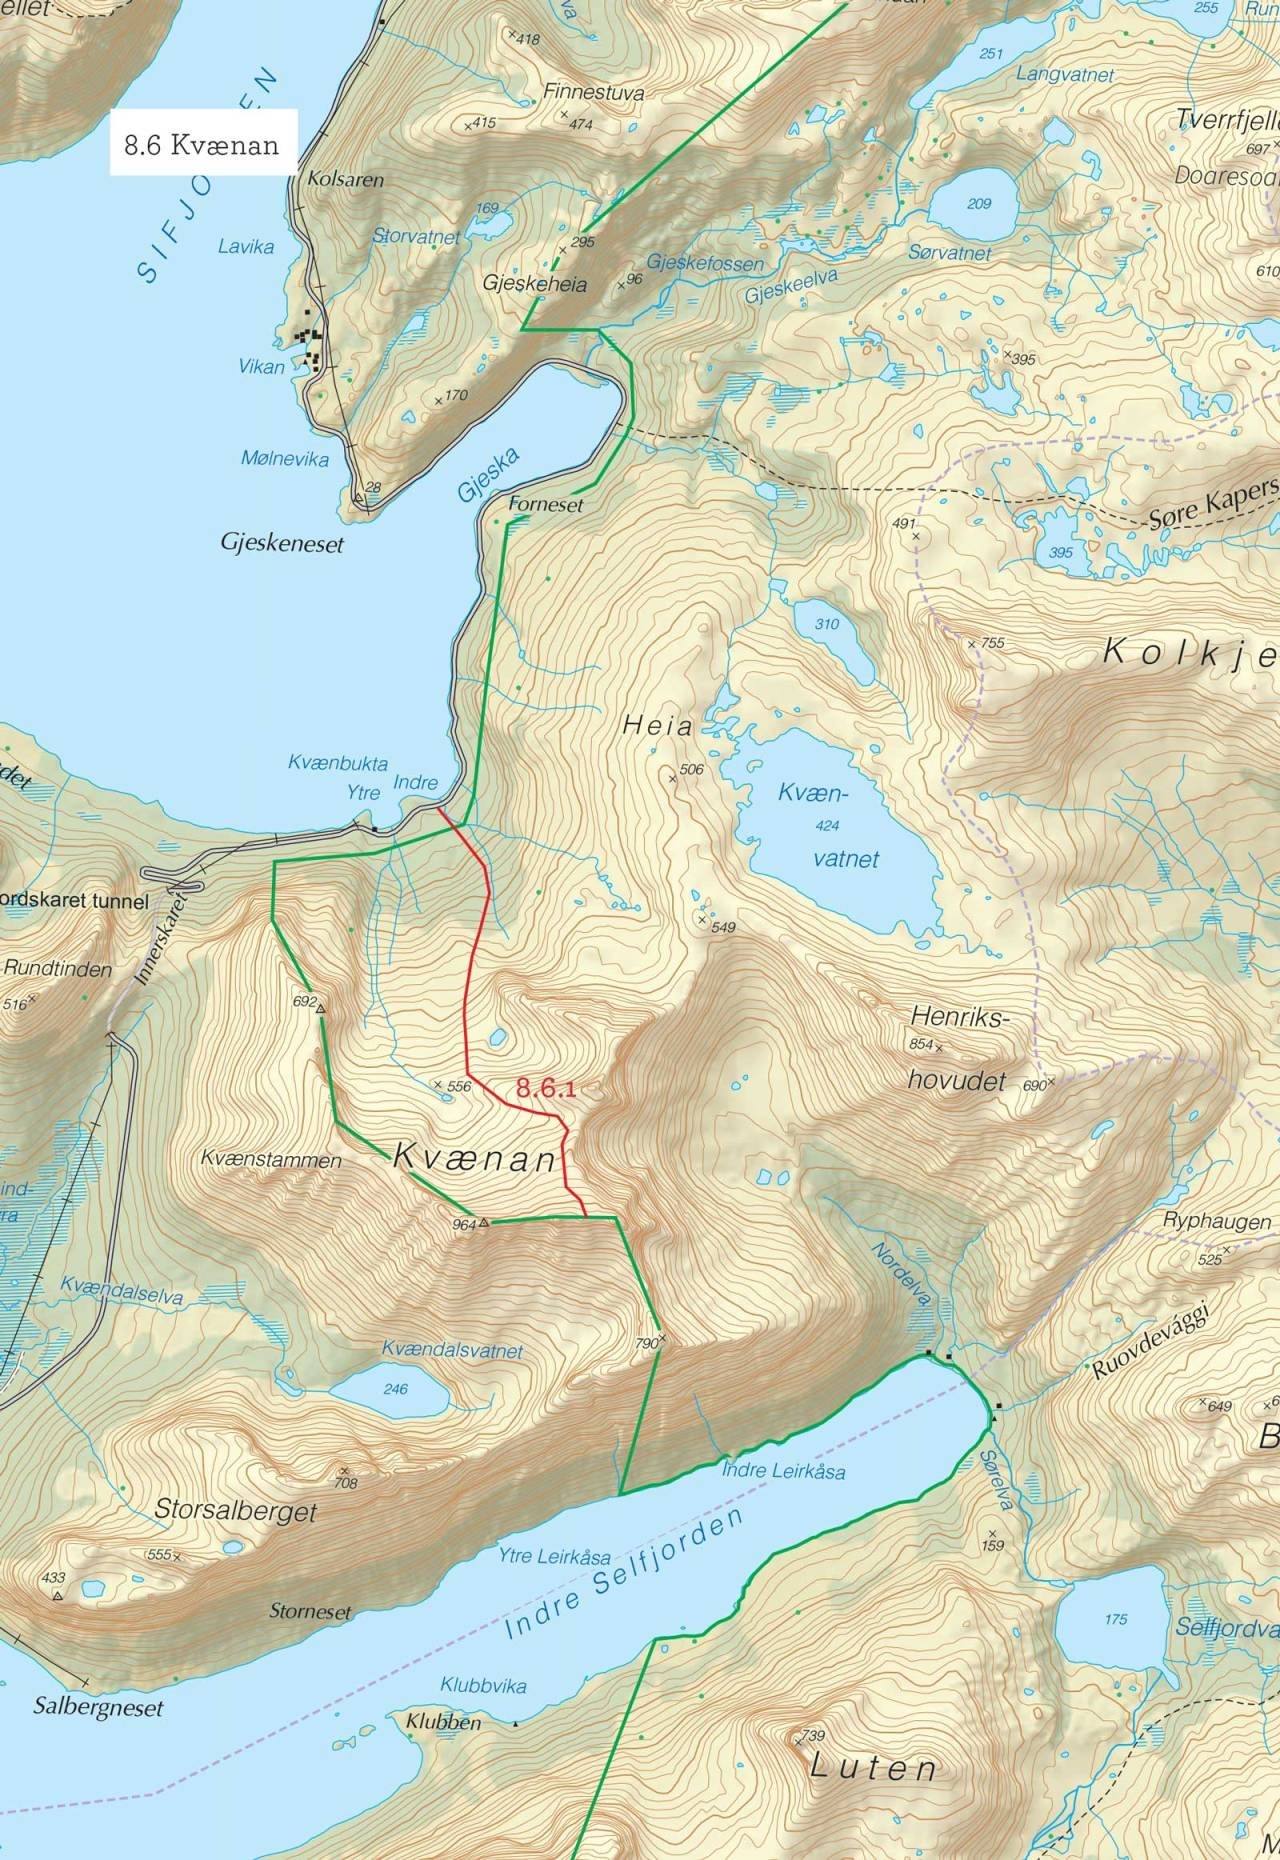 Oversiktskart over Kvænan med inntegnet rute. Fra Toppturer i Troms.